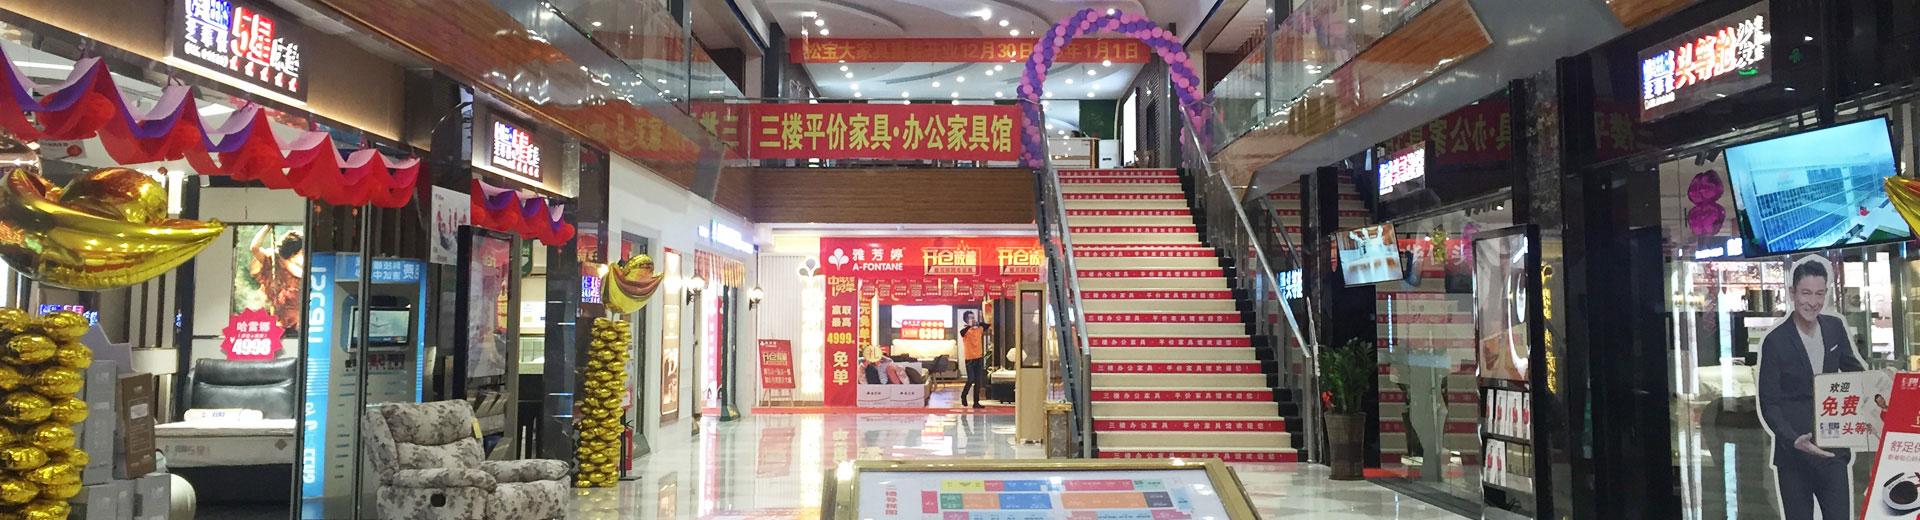 福永松宝大家具体验馆(分店)